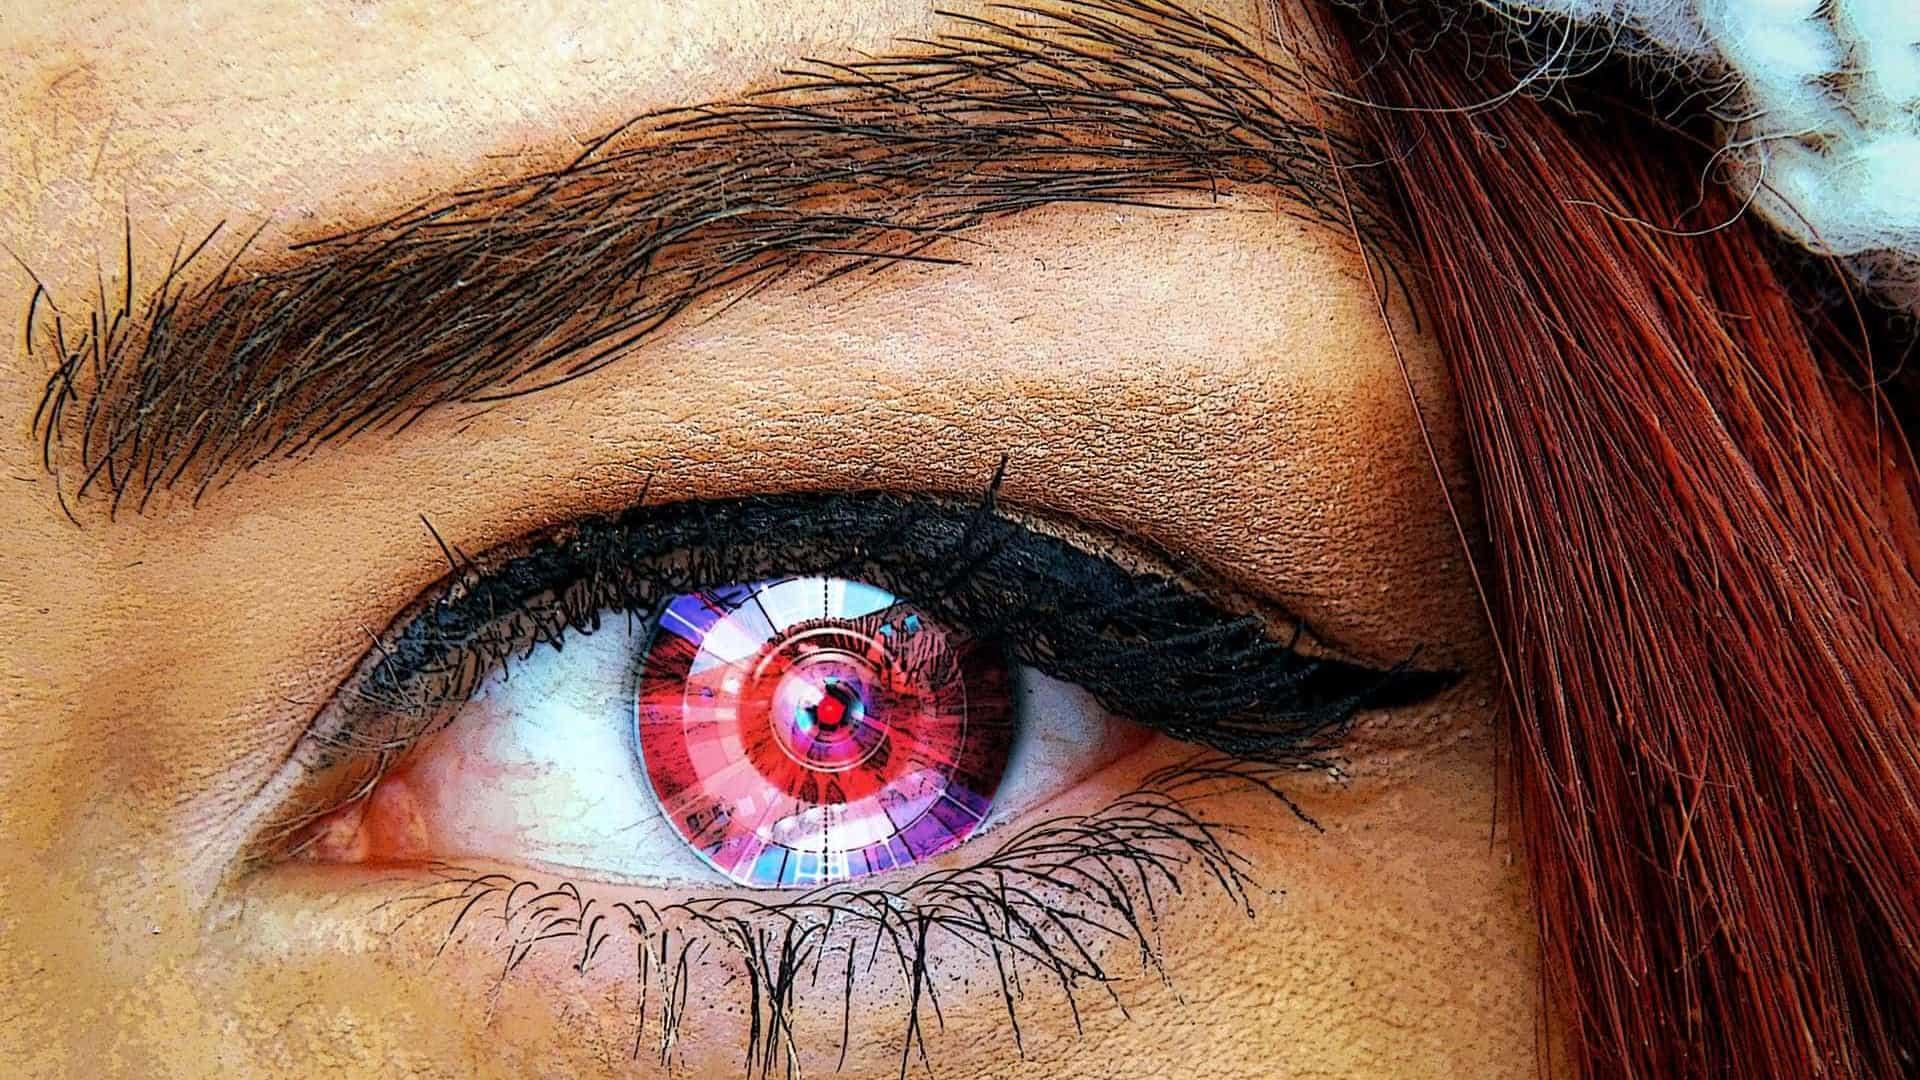 Десять англичан в 2017 году получат искусственные глаза бесплатно